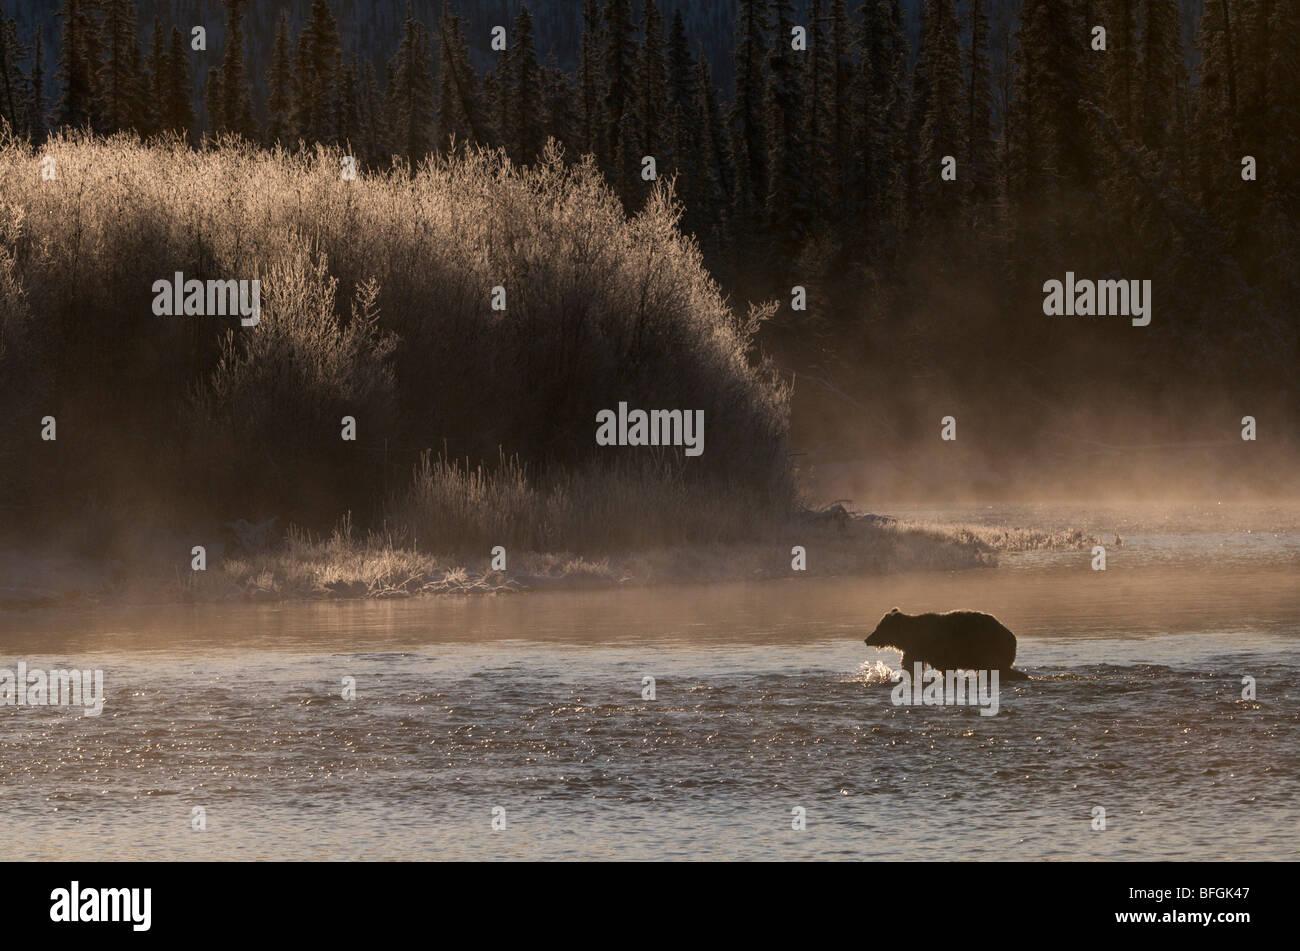 Orso grizzly (Ursus arctos) attraversando la pesca sul fiume di diramazione, Ni'iinlii Njik Riserva Ecologica, Immagini Stock